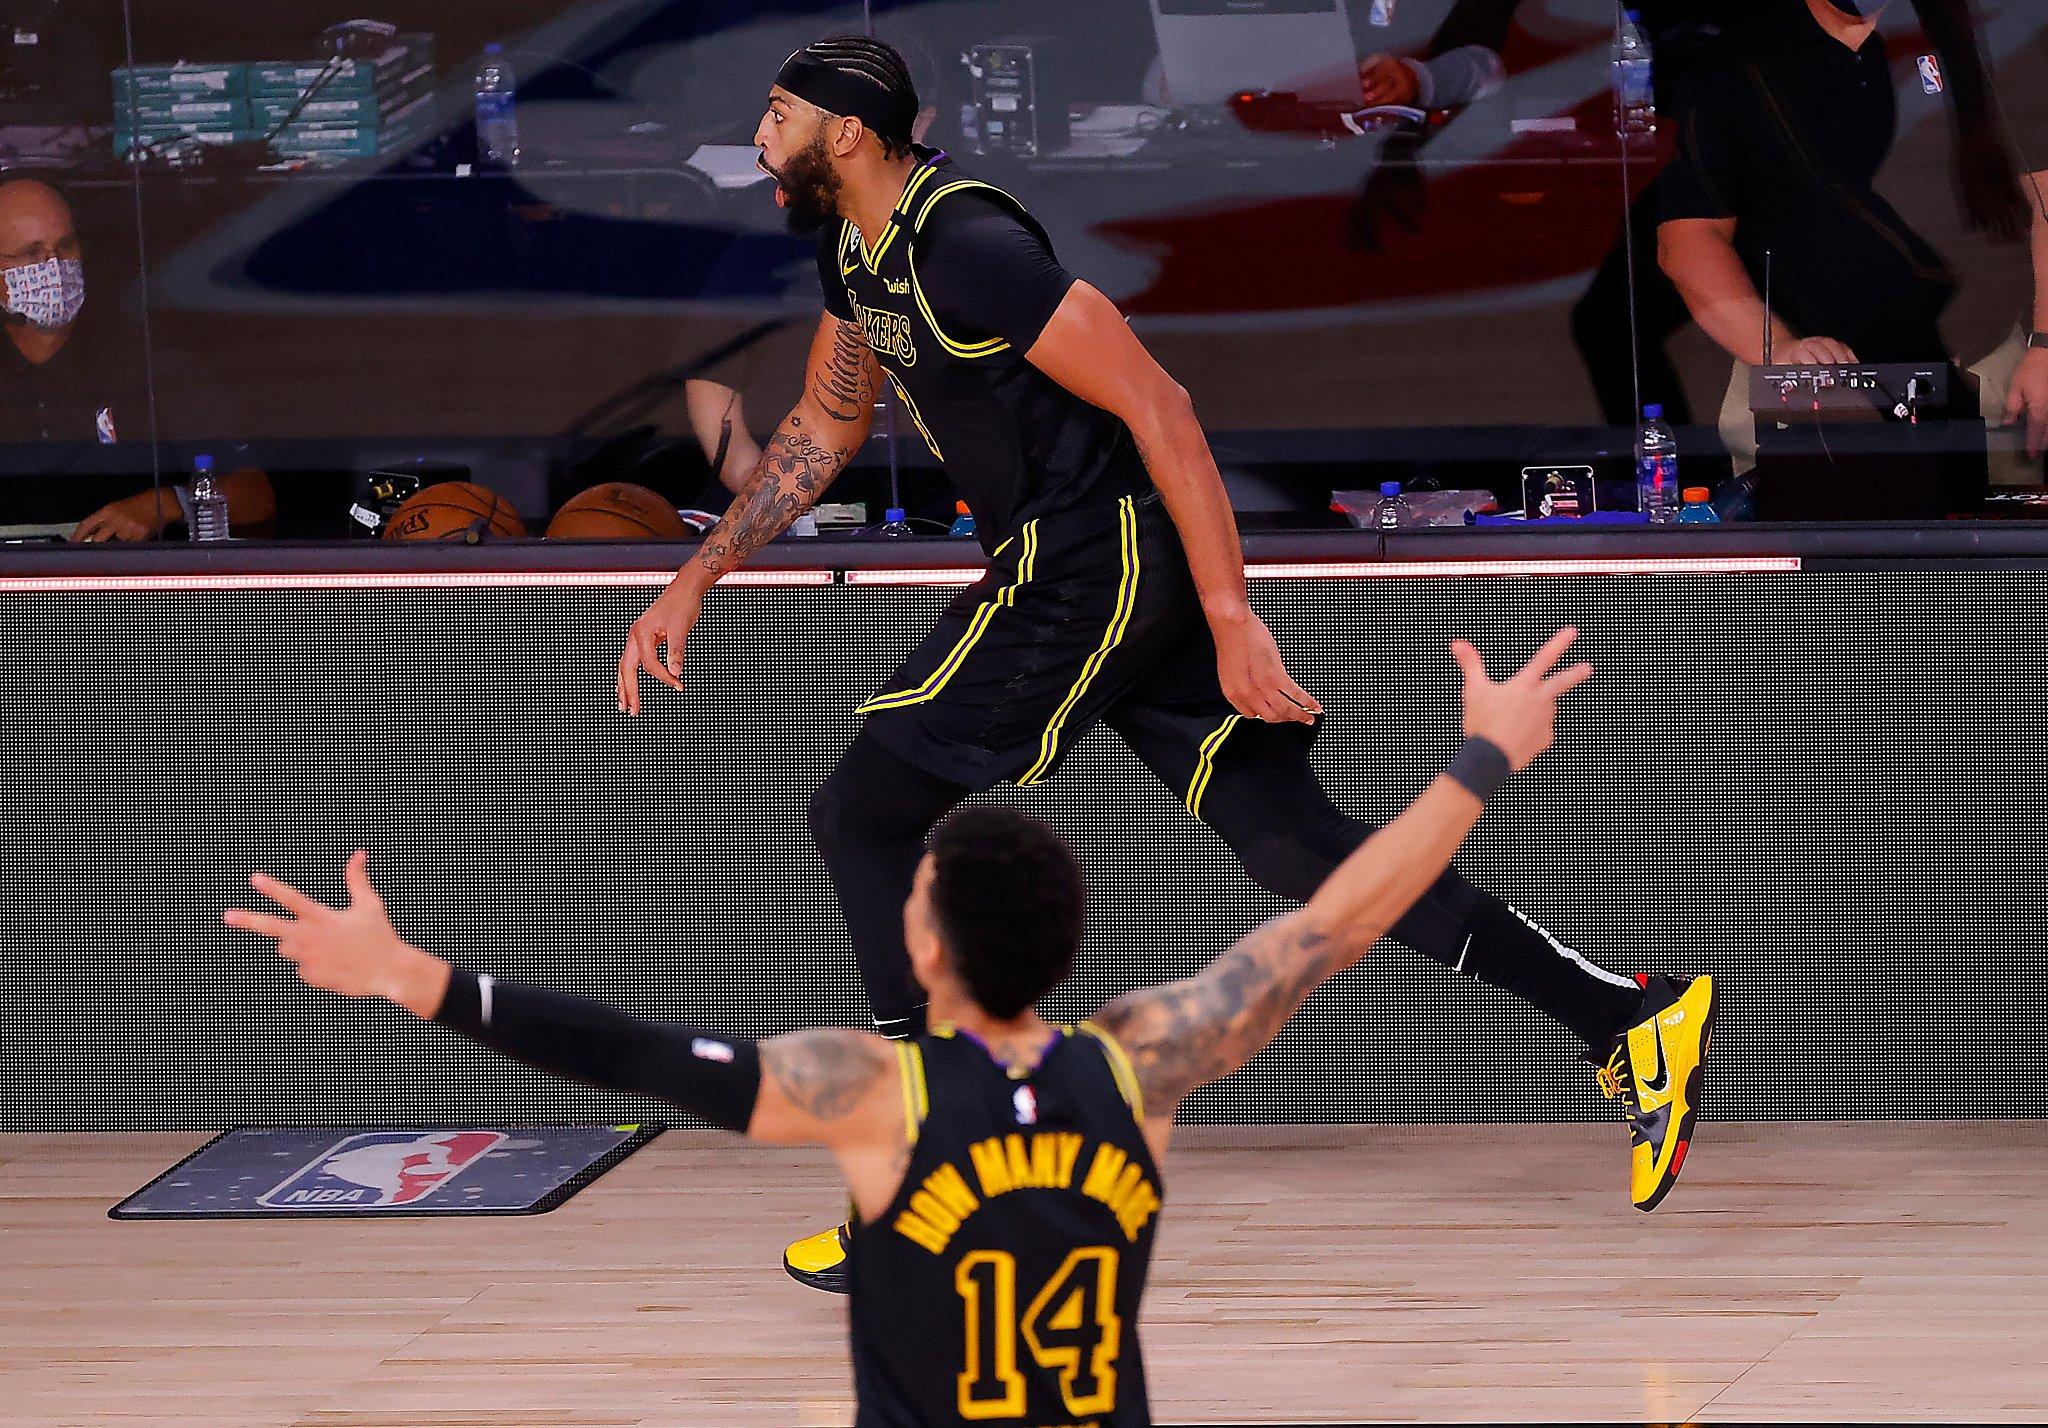 【影片】一眉哥絕殺,全隊瘋狂慶祝,有誰注意到了Rondo?不愧是見過大場面的神控!-黑特籃球-NBA新聞影音圖片分享社區